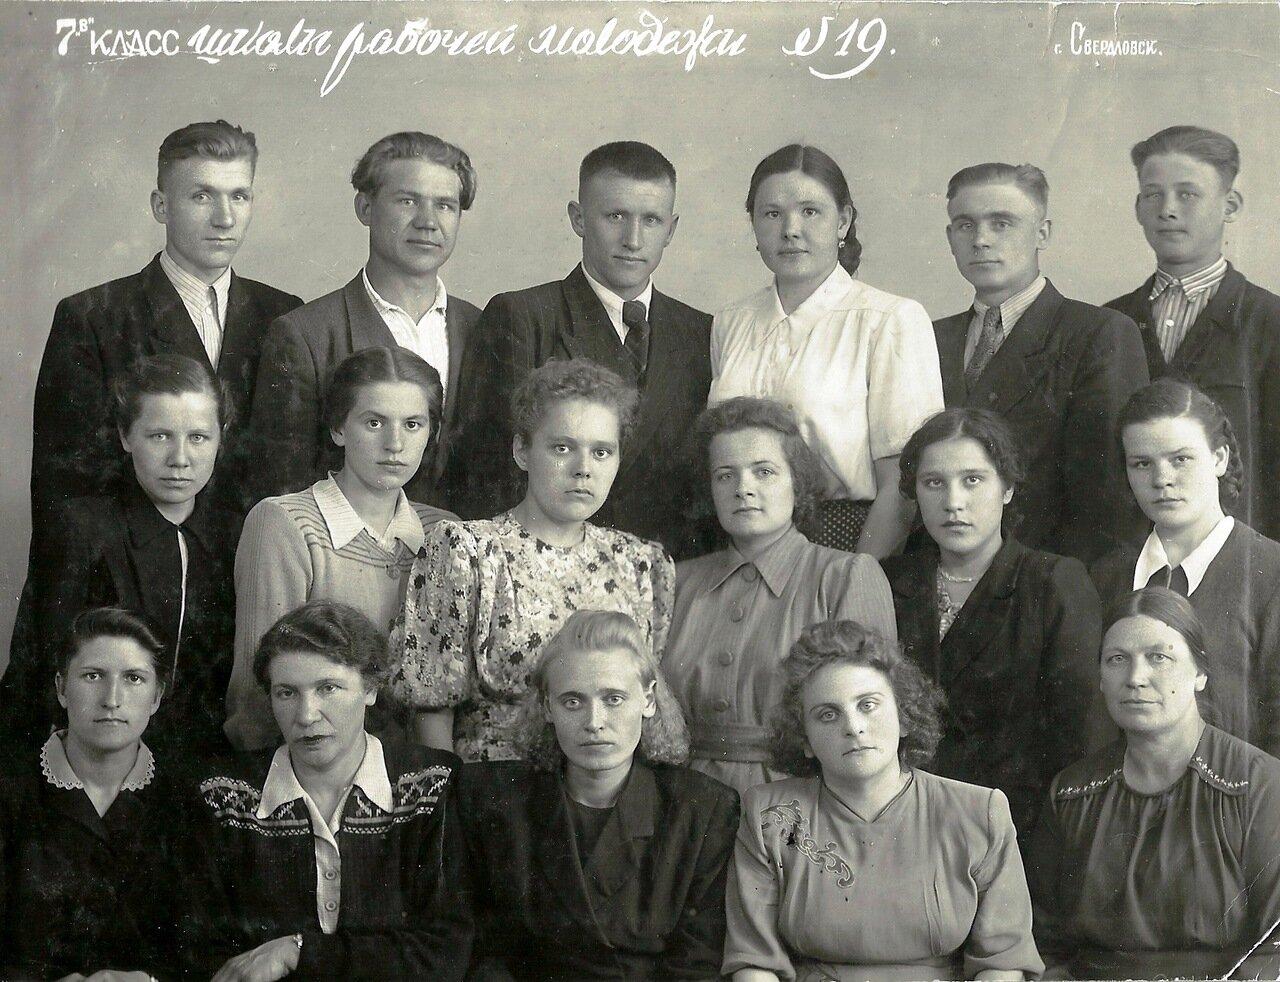 Свердловск. 7 класс школы рабочей молодежи